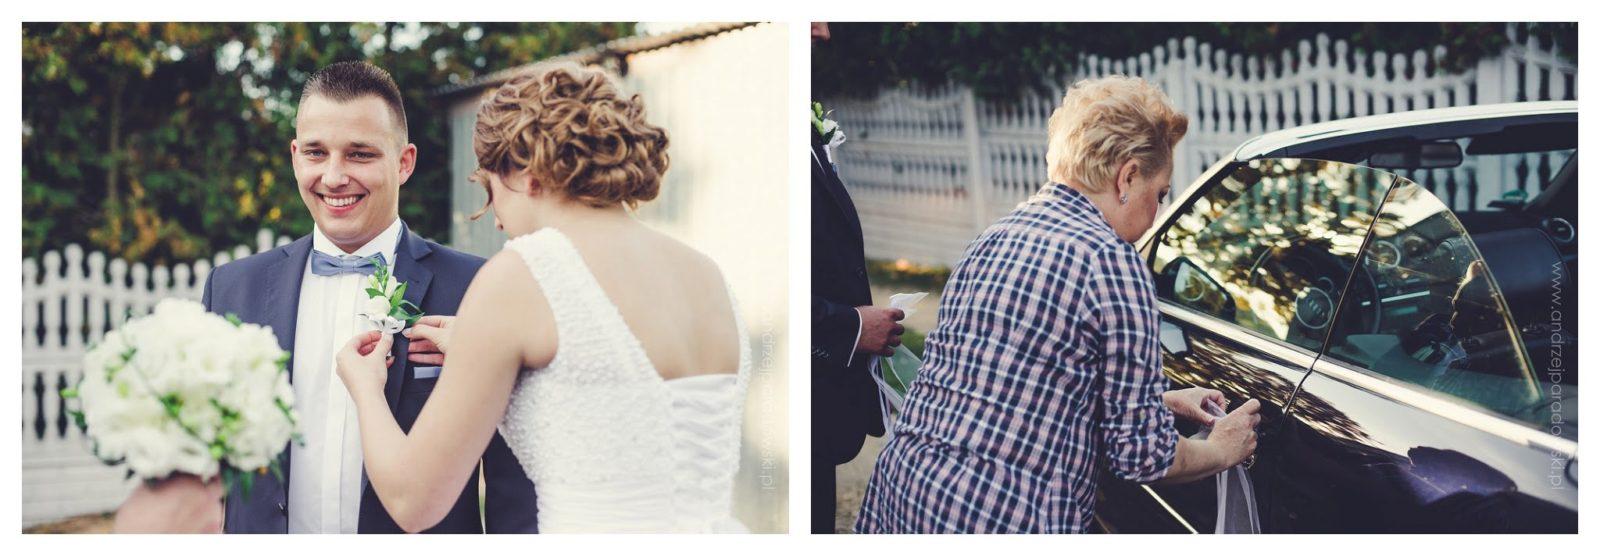 fotograf slubny wloclawek 24 - Ślub w Bobrownikach